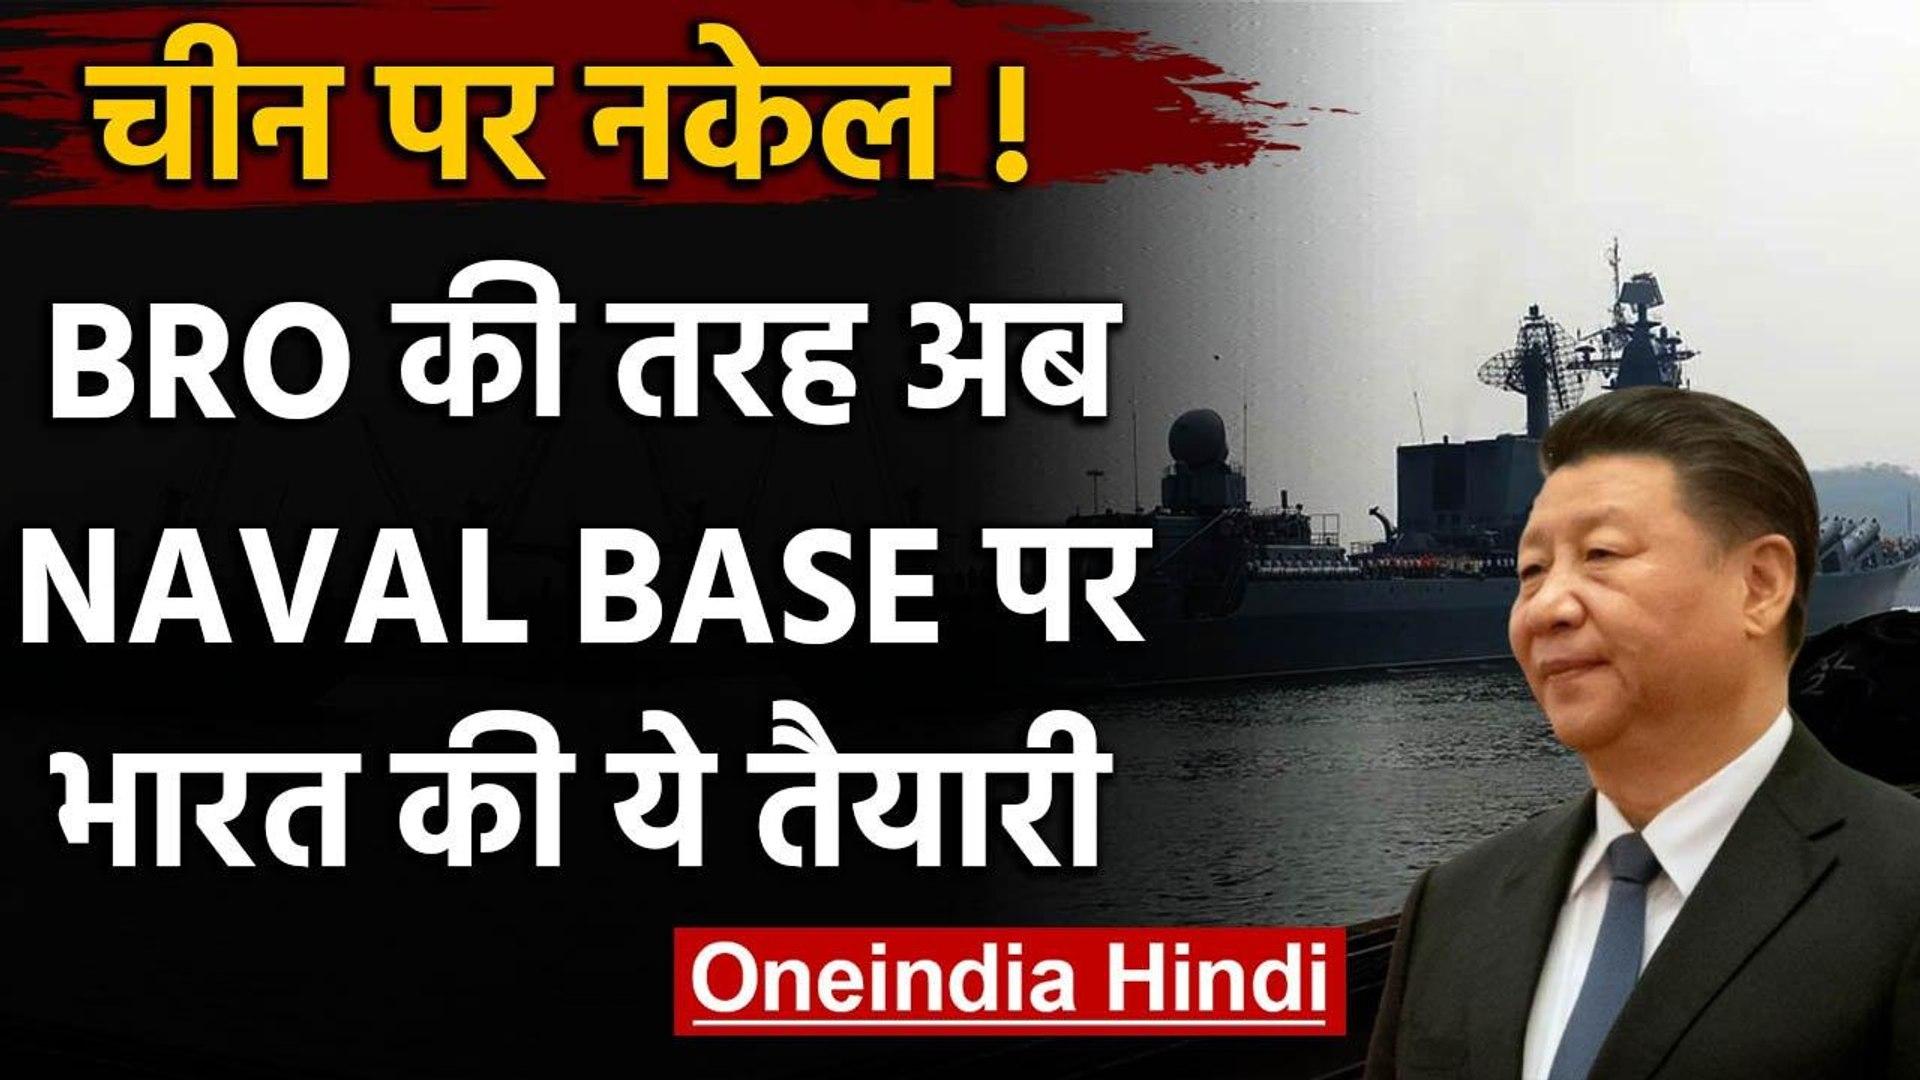 India-China Tension: अब Naval Base पर चीन की नकेल कसने की तैयारी कर रहा भारत   वनइंडिया हिंदी